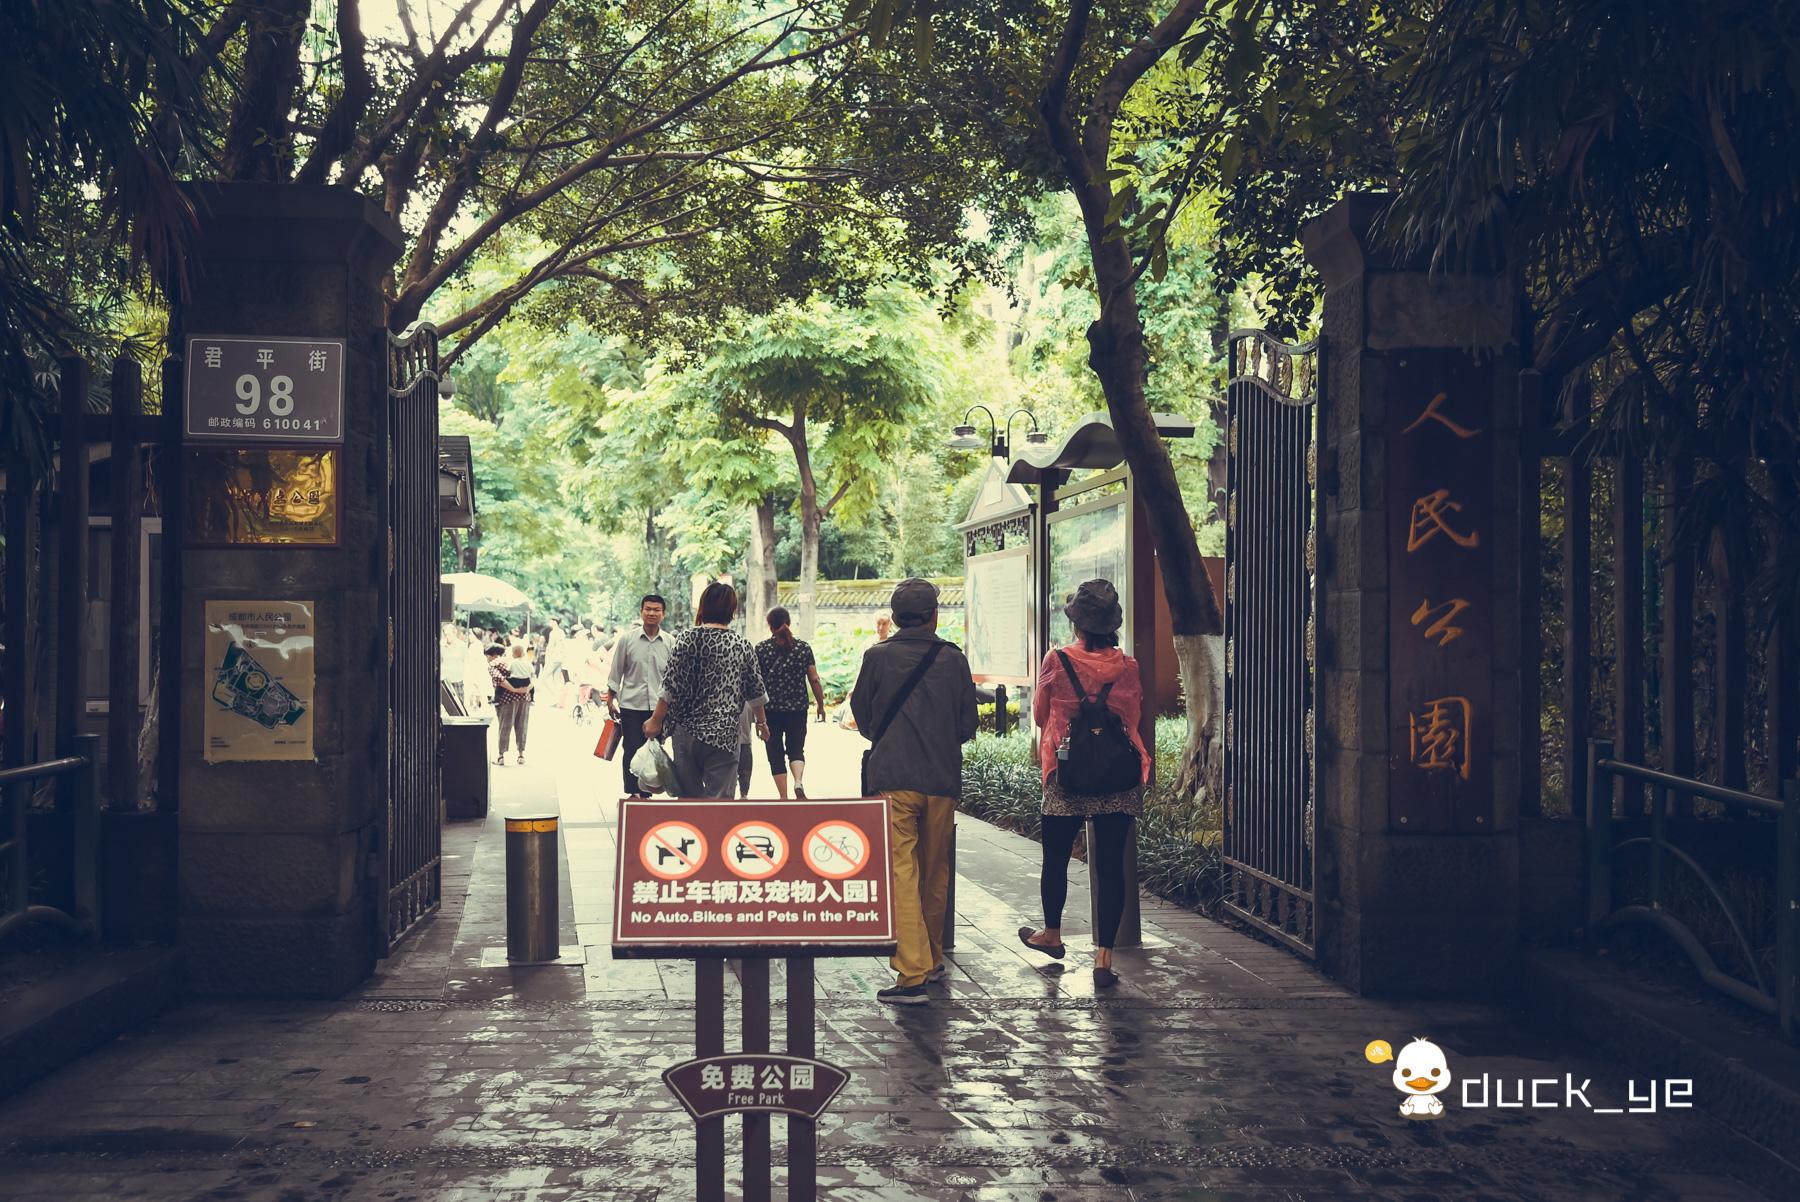 成都旅行花100元来公园体验这一绝技,游客感叹很舒服但短暂又贵